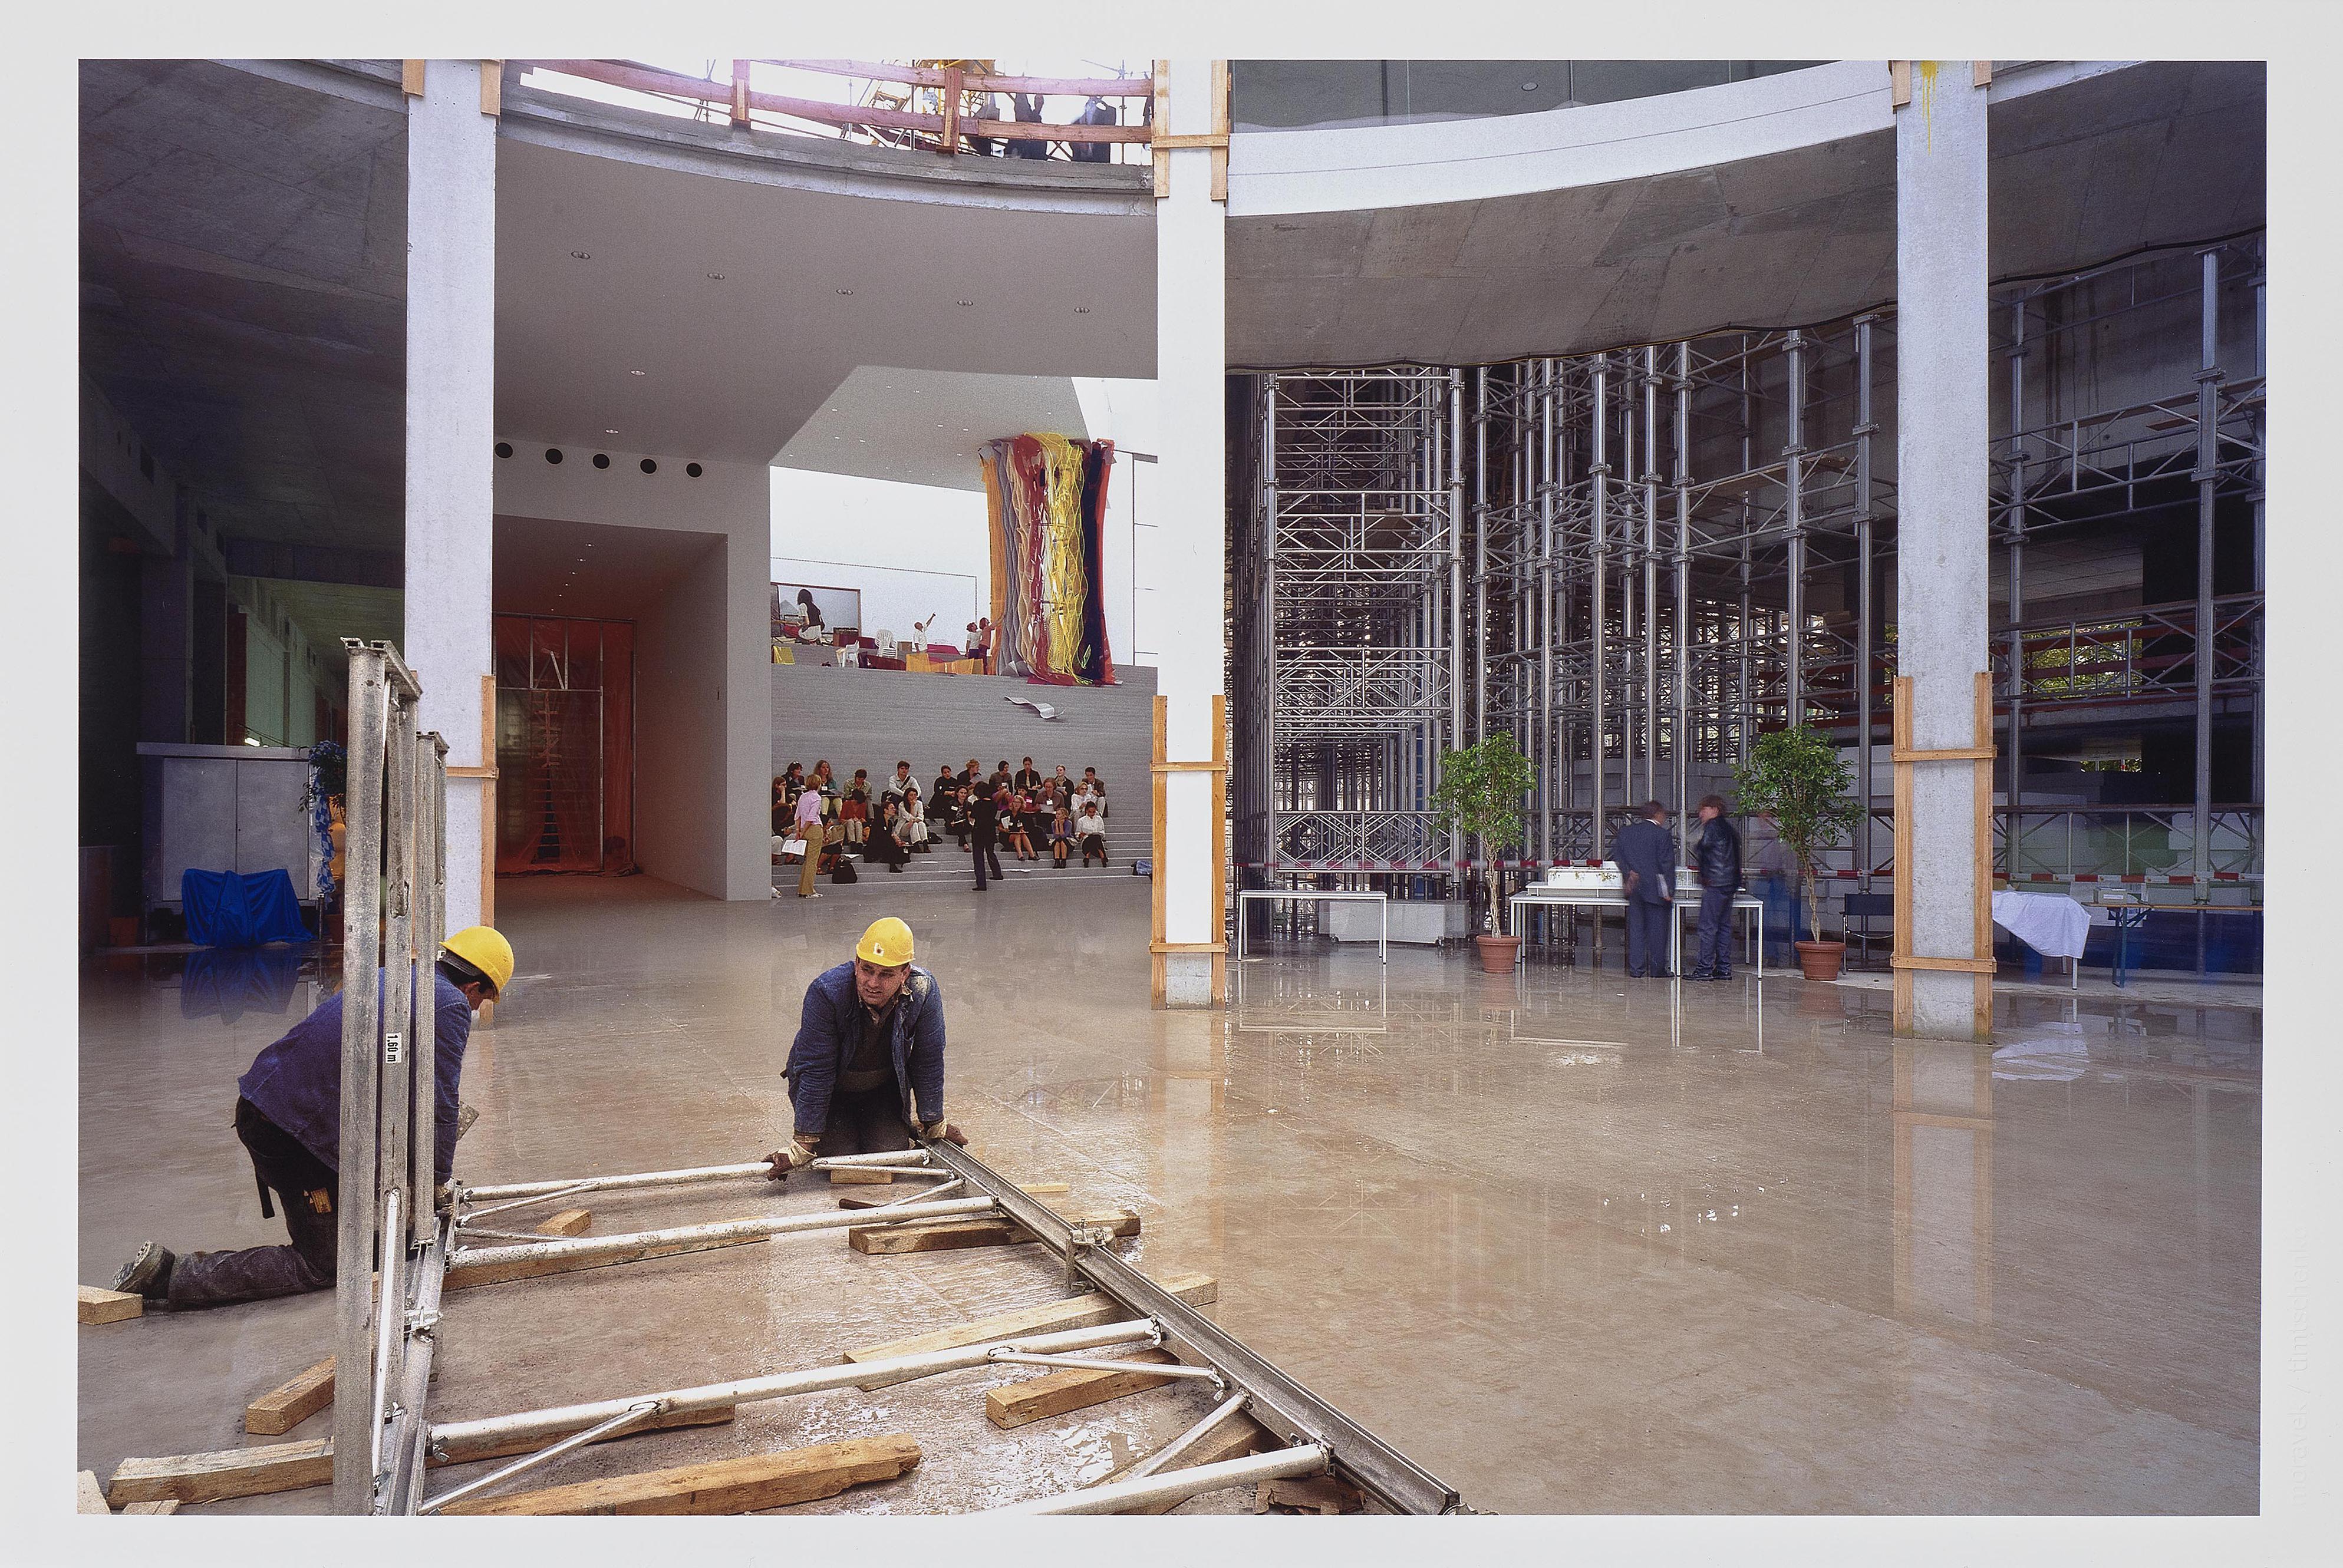 Alexander Timtschenko - Mappe Fotoprojekt Pinakothek Der Moderne Munchen (Portfolio for the photo project 'Pinakothek der Moderne München')-2002